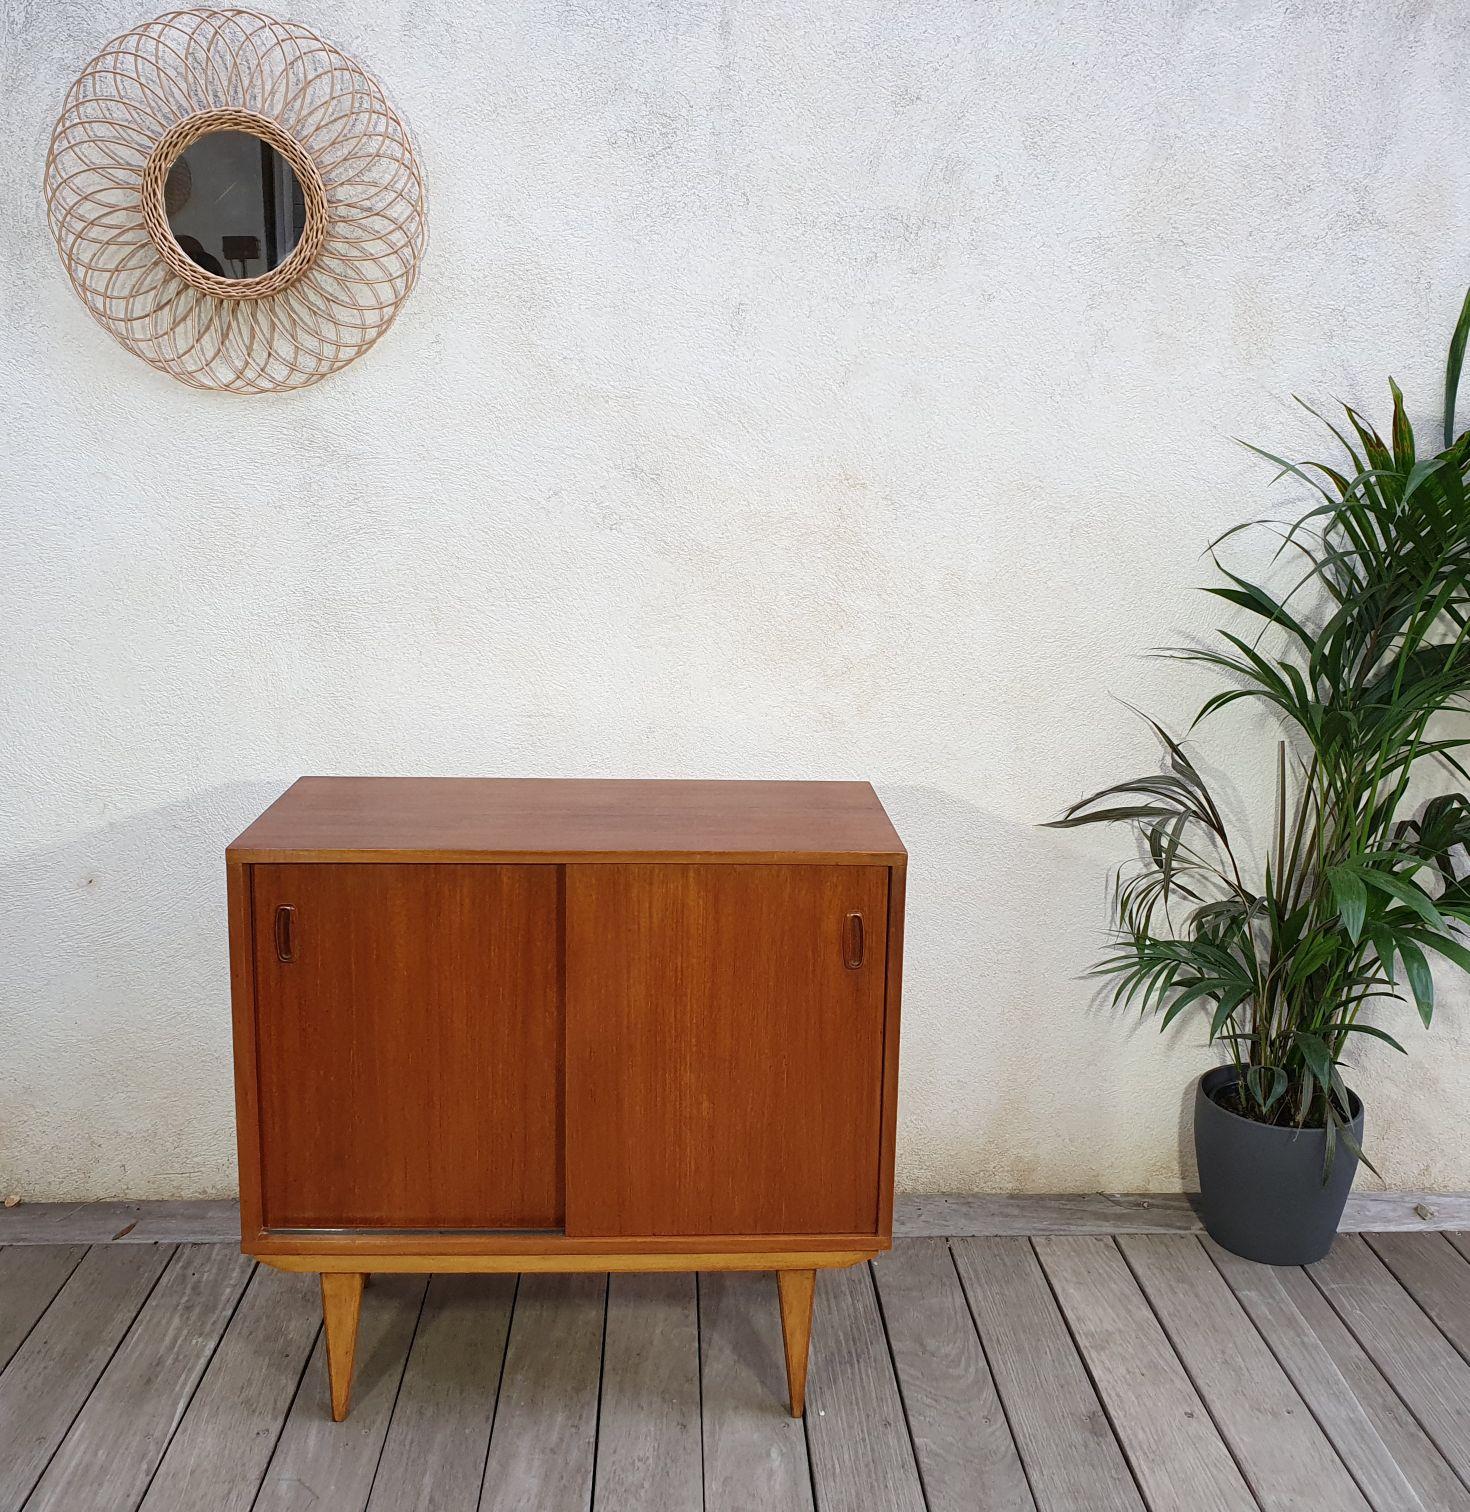 meuble de rangement scandinave teck